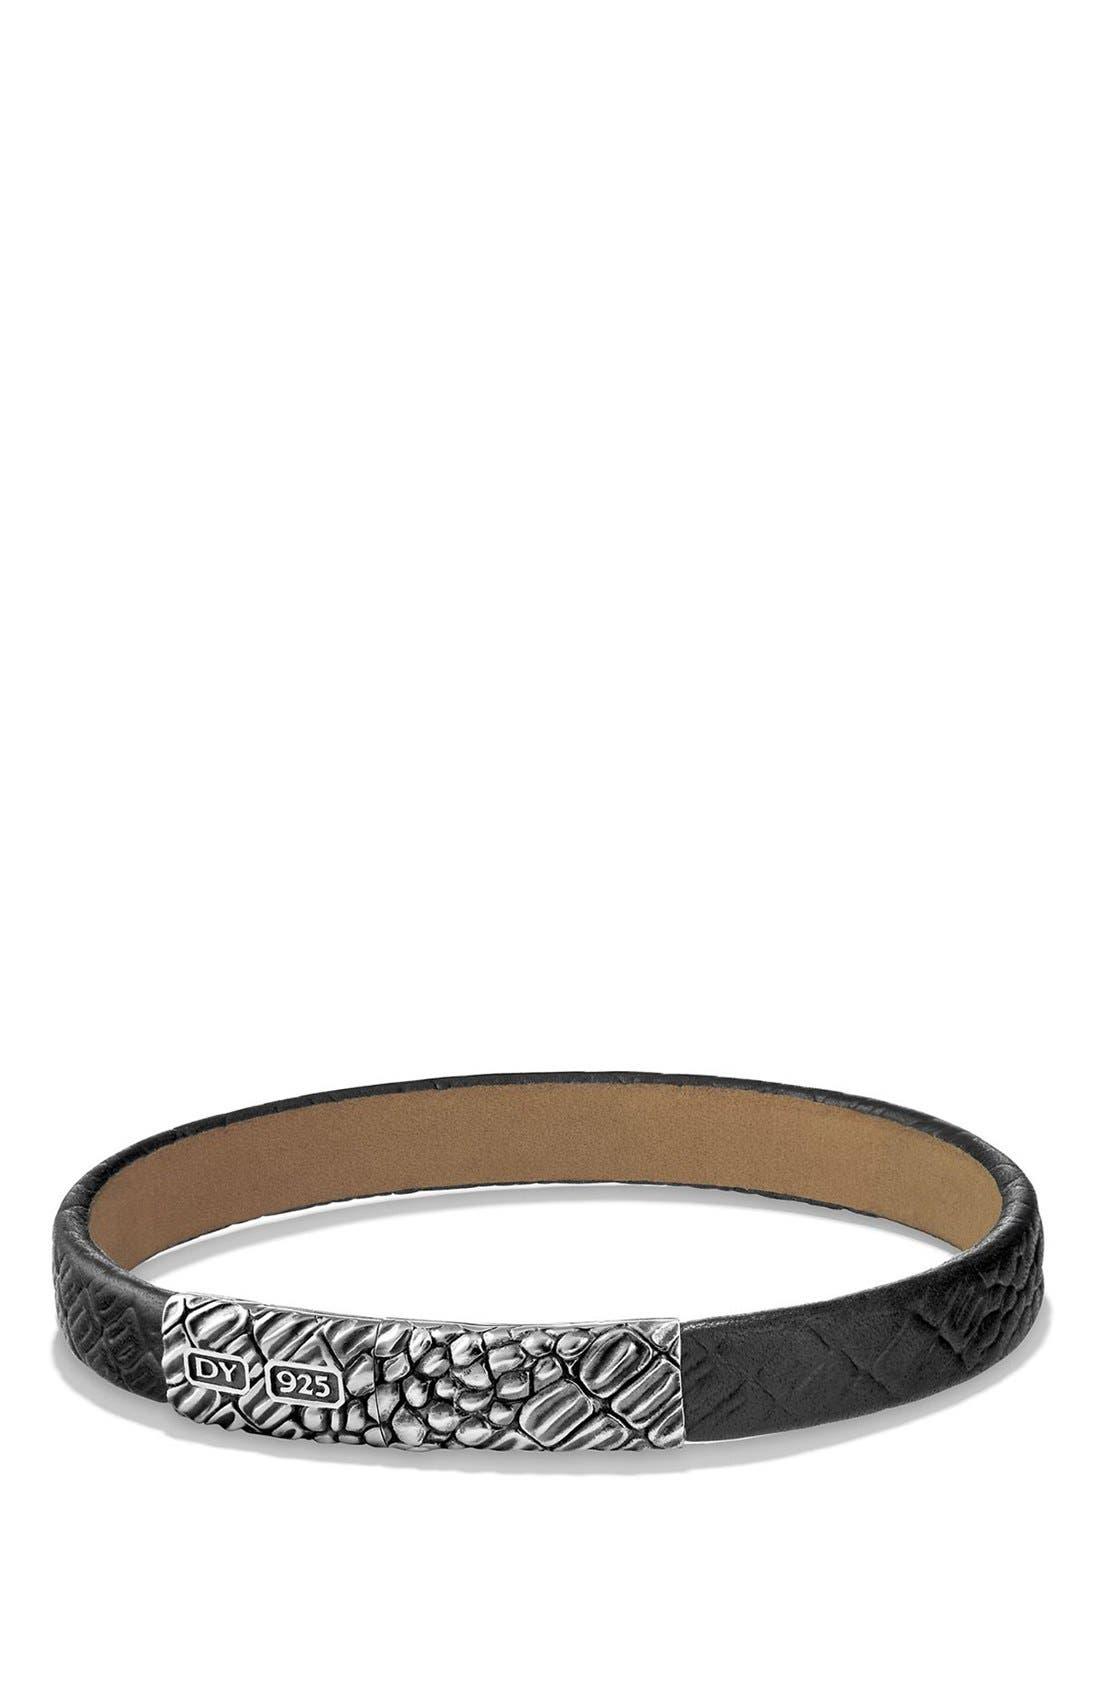 David Yurman Gator Leather Bracelet